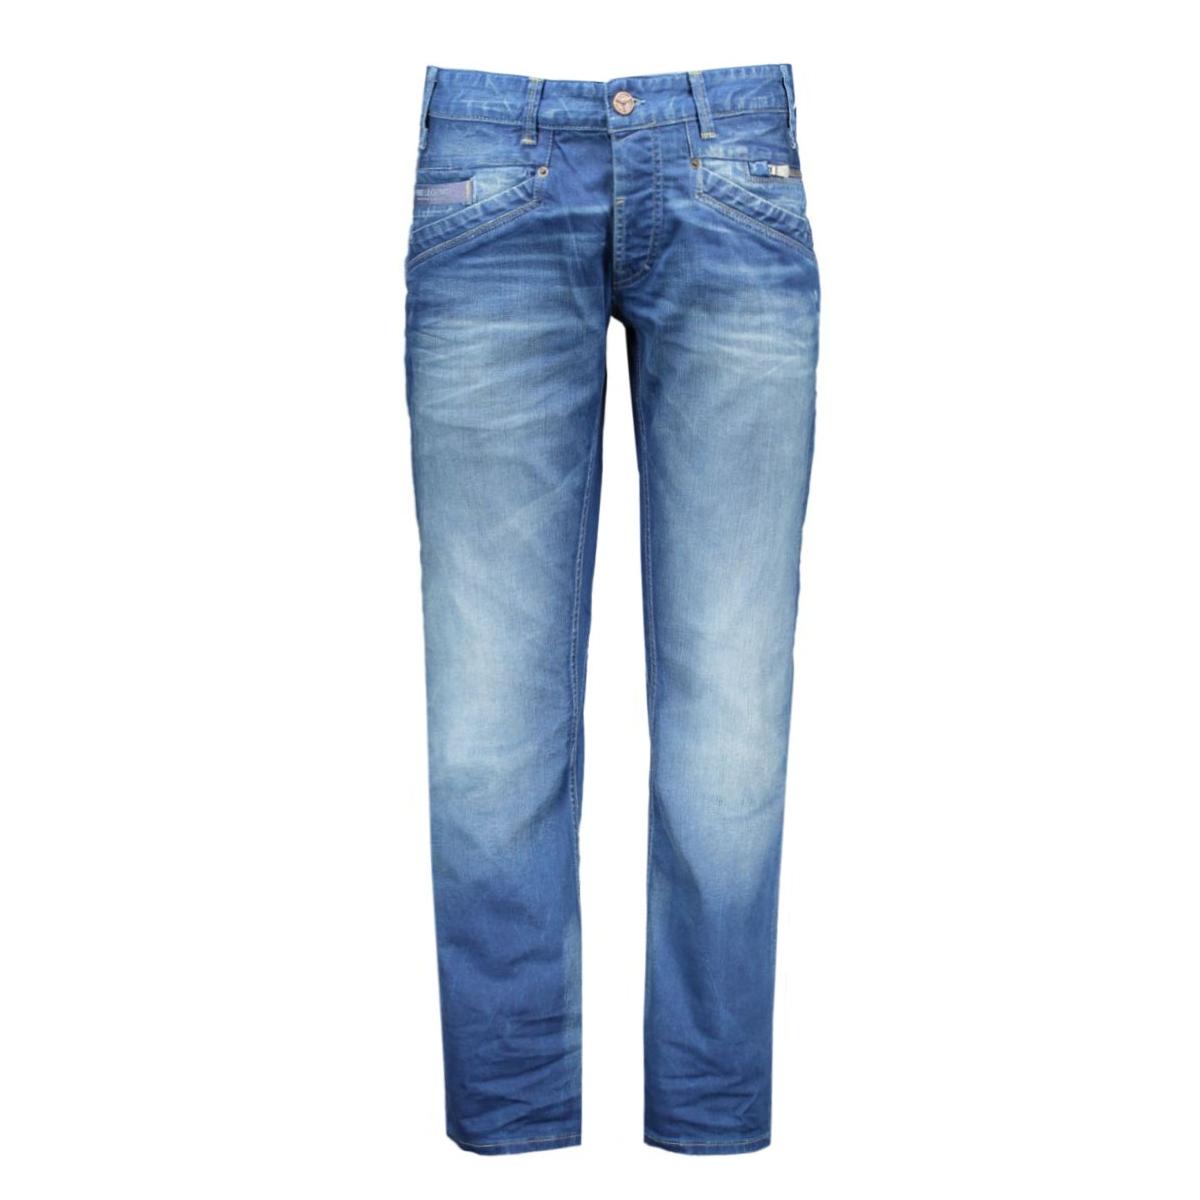 bare metal 2  ptr975 pme legend jeans pdi